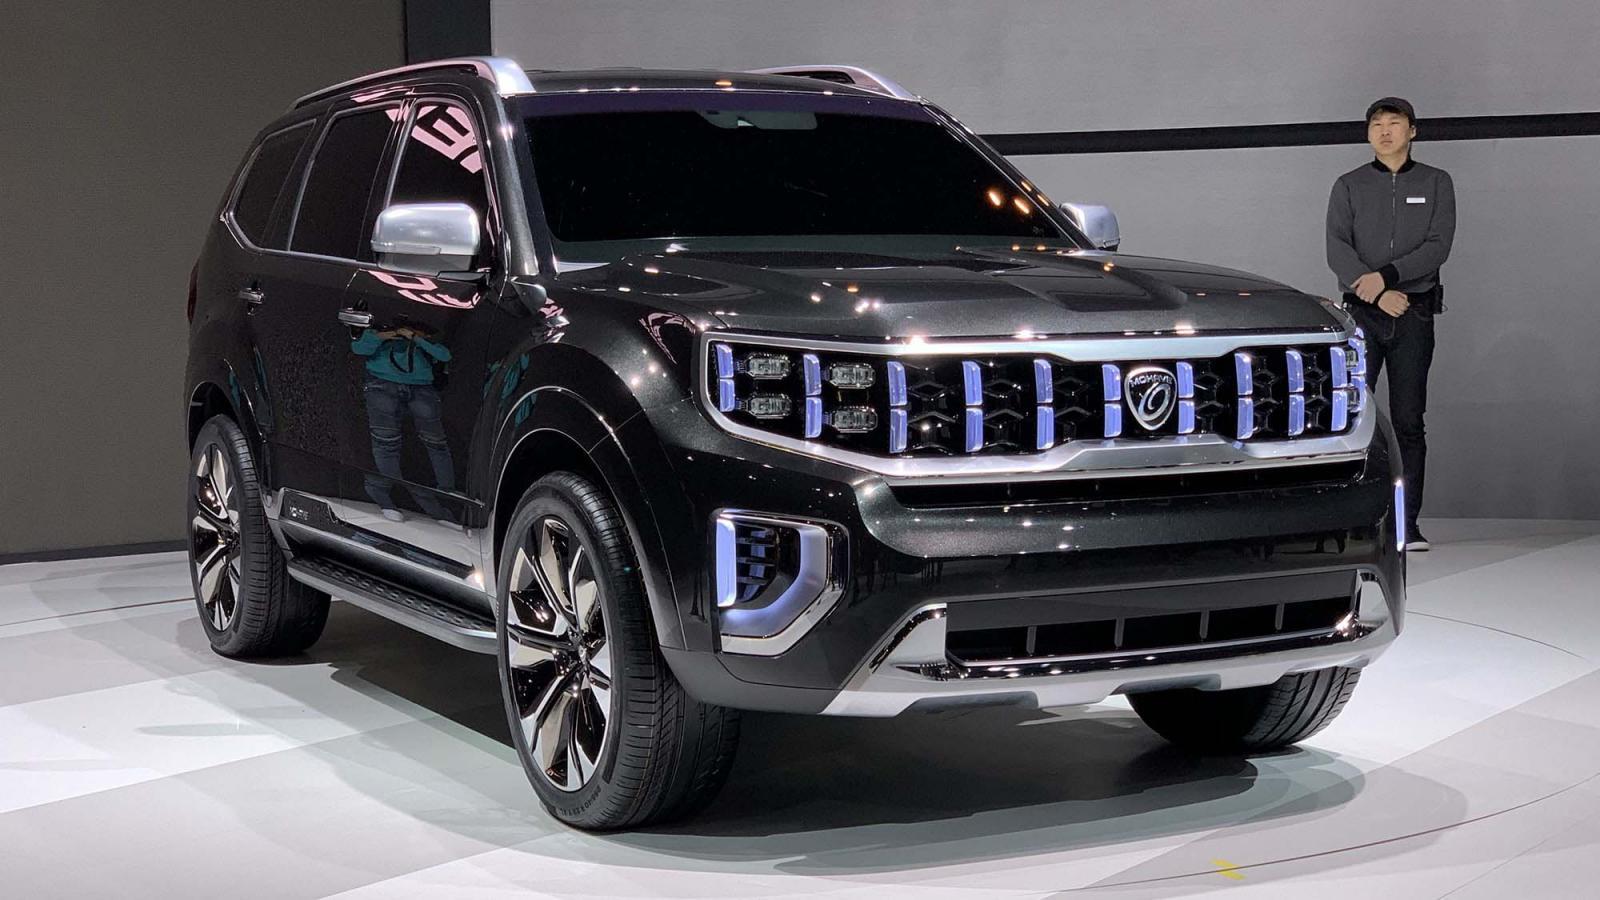 La Kia Mohave the Master buscará una segunda oportunidad para las SUV en Estados Unidos